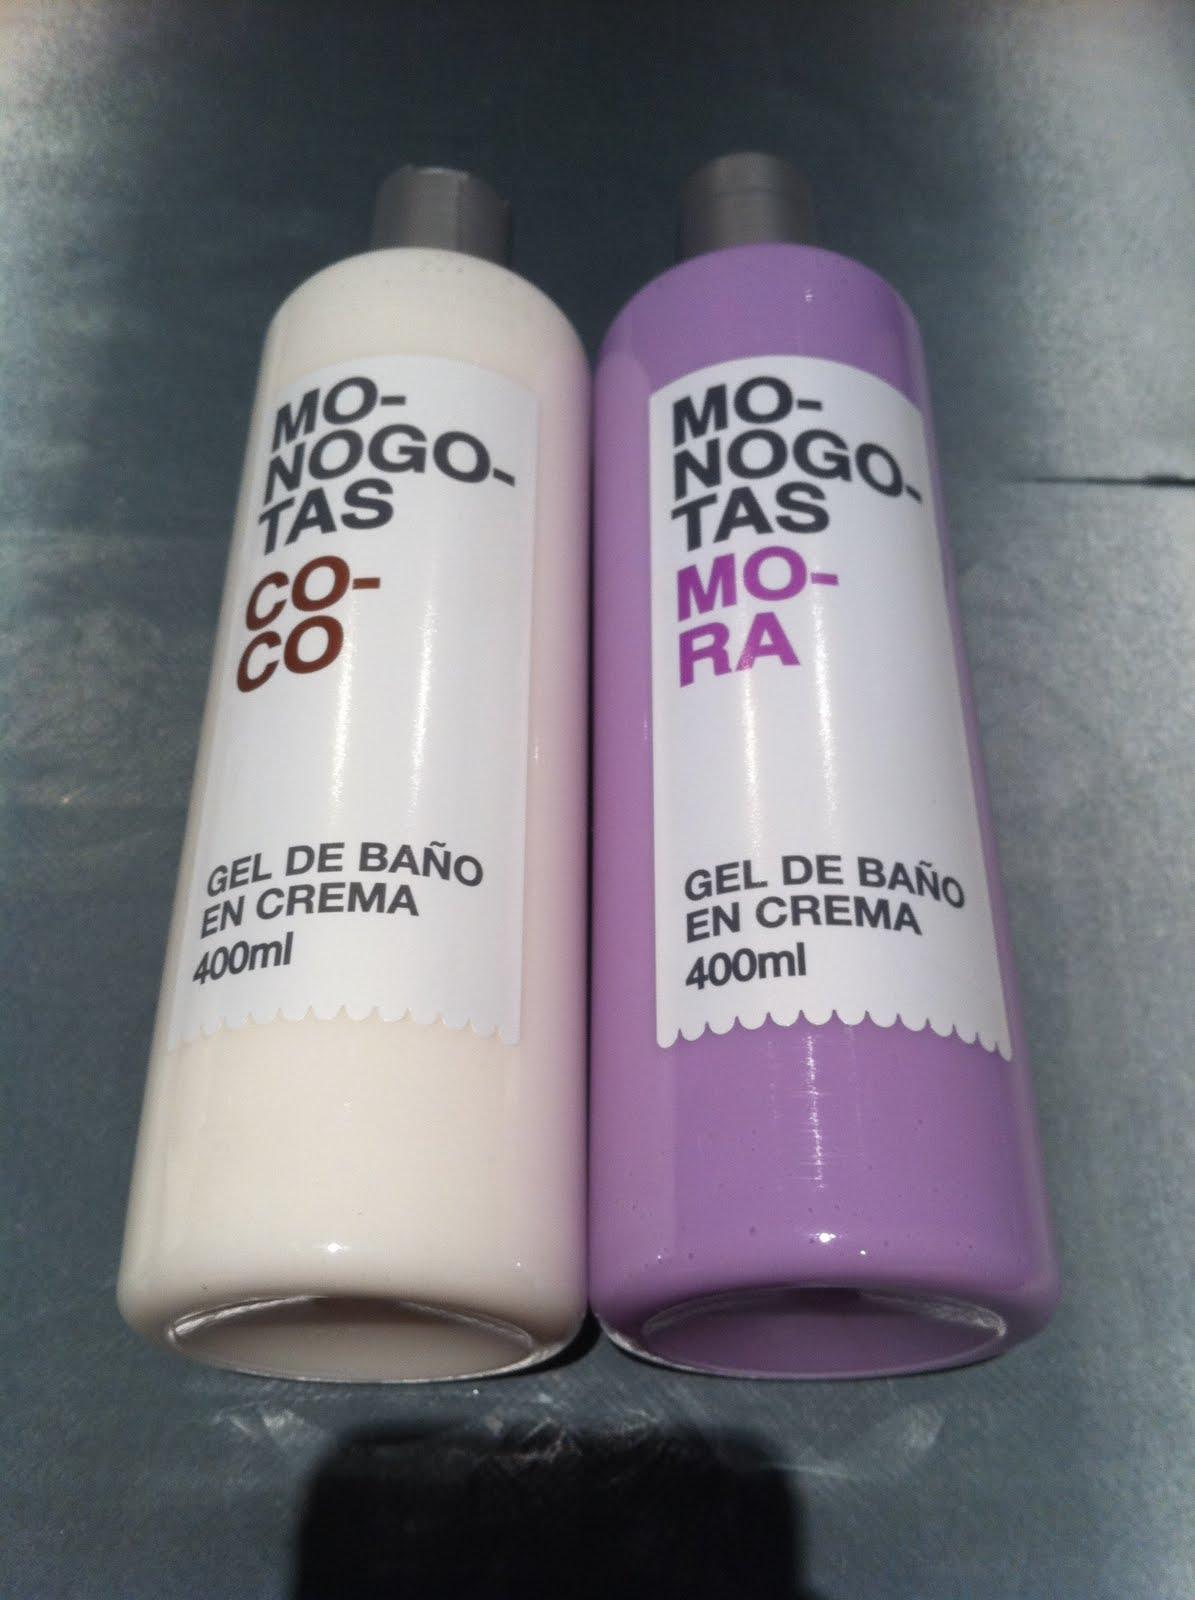 Missisters gel de ba o monogotas de mercadona for Bano de color mercadona